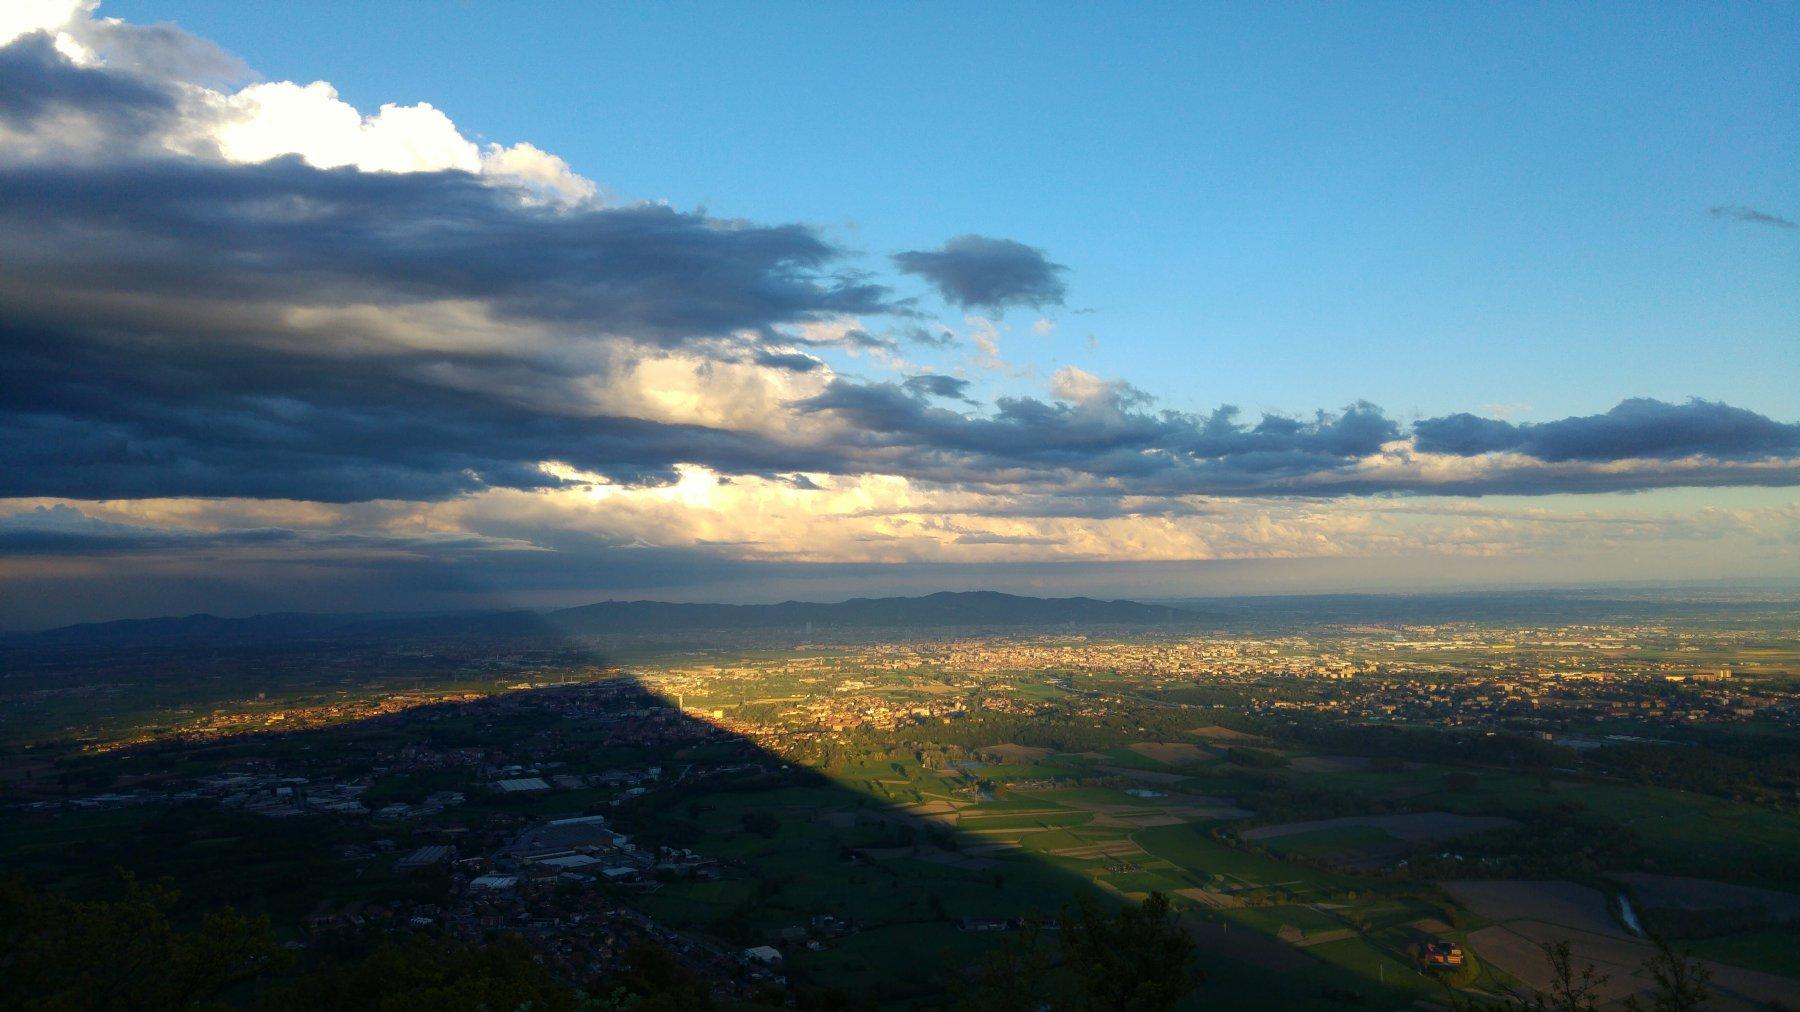 L'ombra del Musine' sulla piana di Torino!